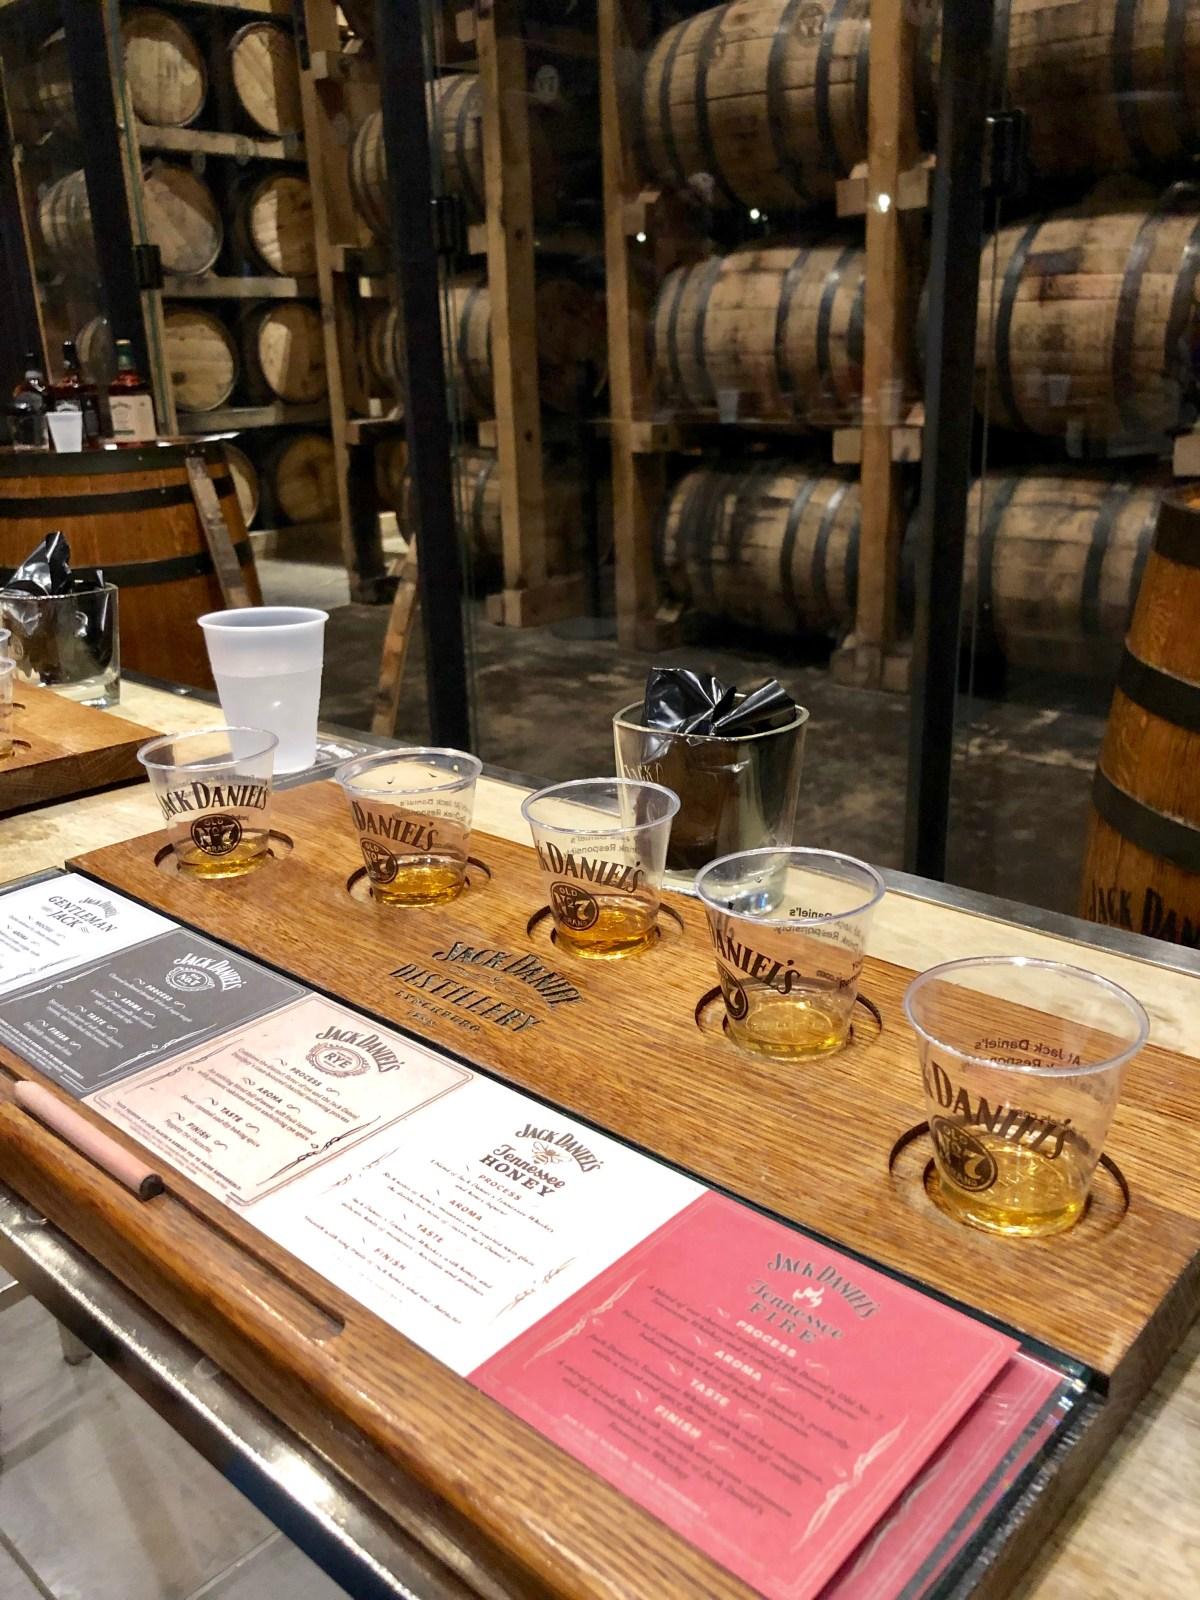 Tasting Room | Jack Daniels Distillery #jackdanielstour #jackdanielsdistillery #nashvilletn #flightofjack #lynchburgtn #thingstodoinnashville